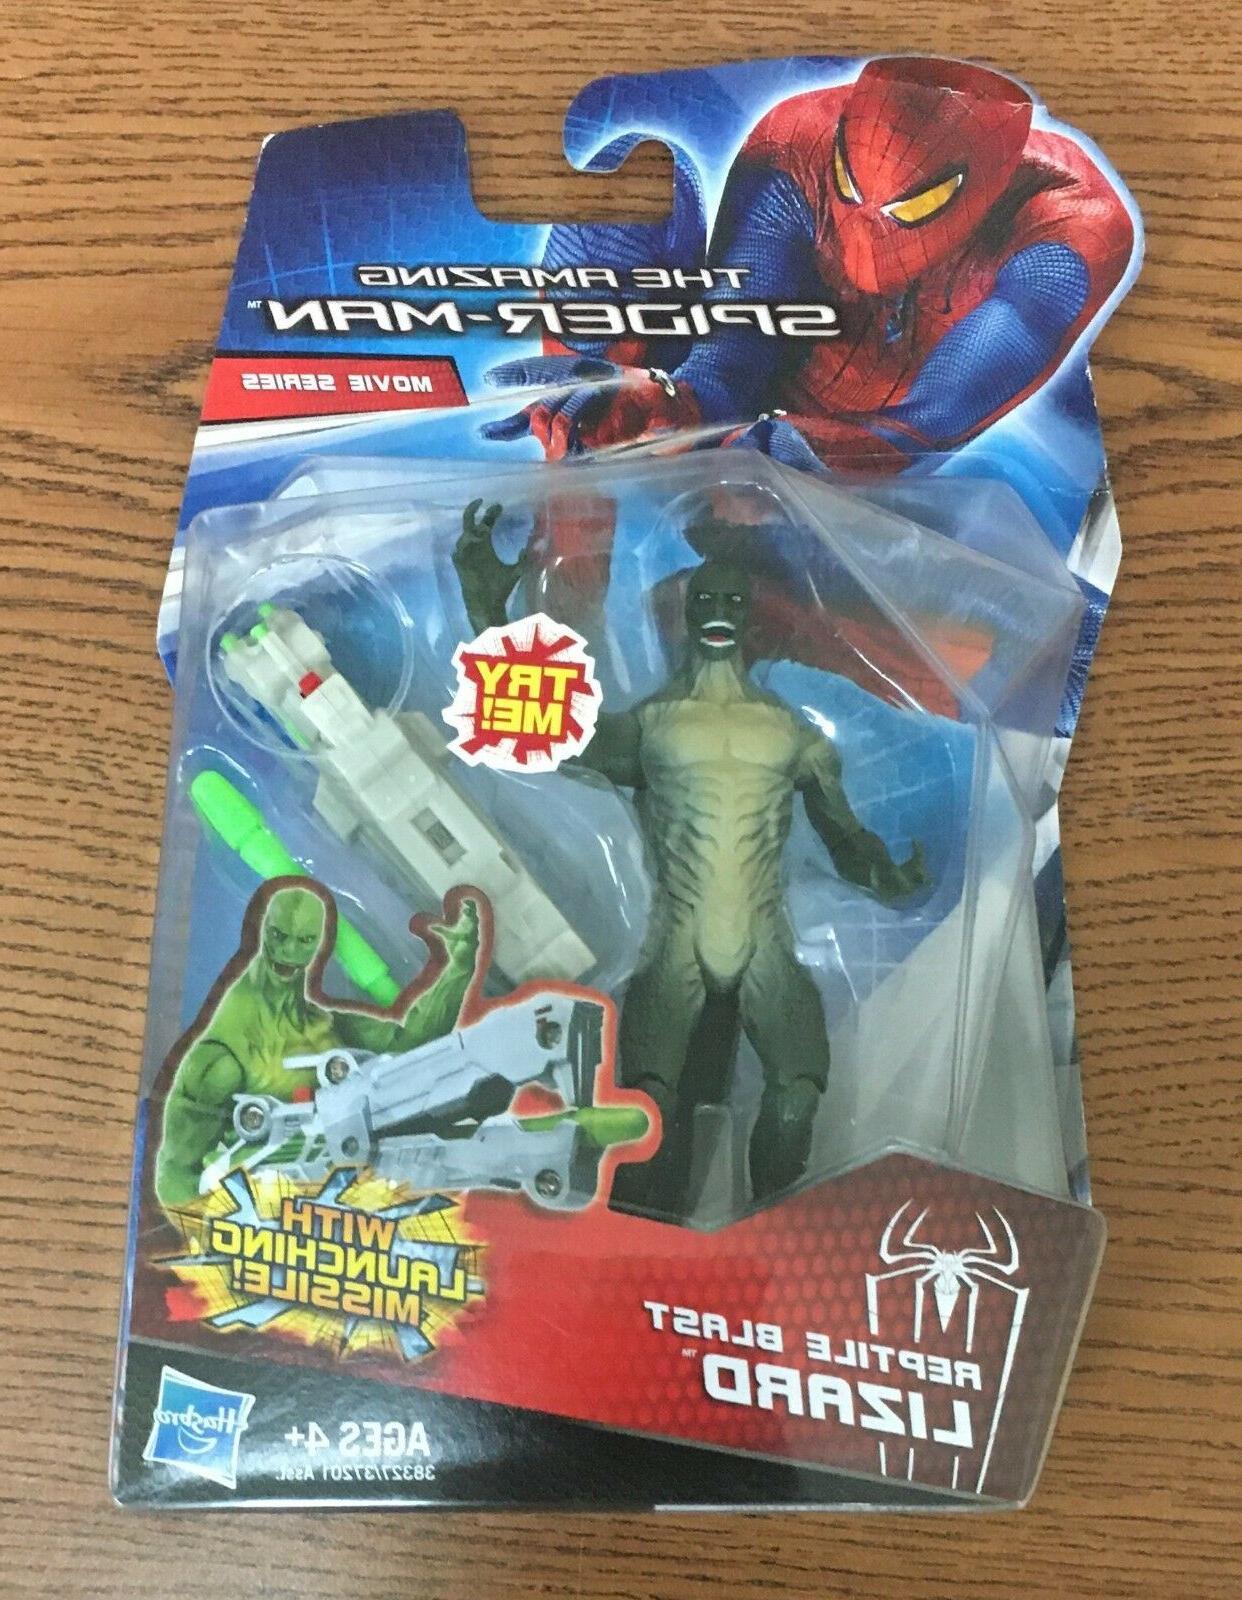 spider movie action figure